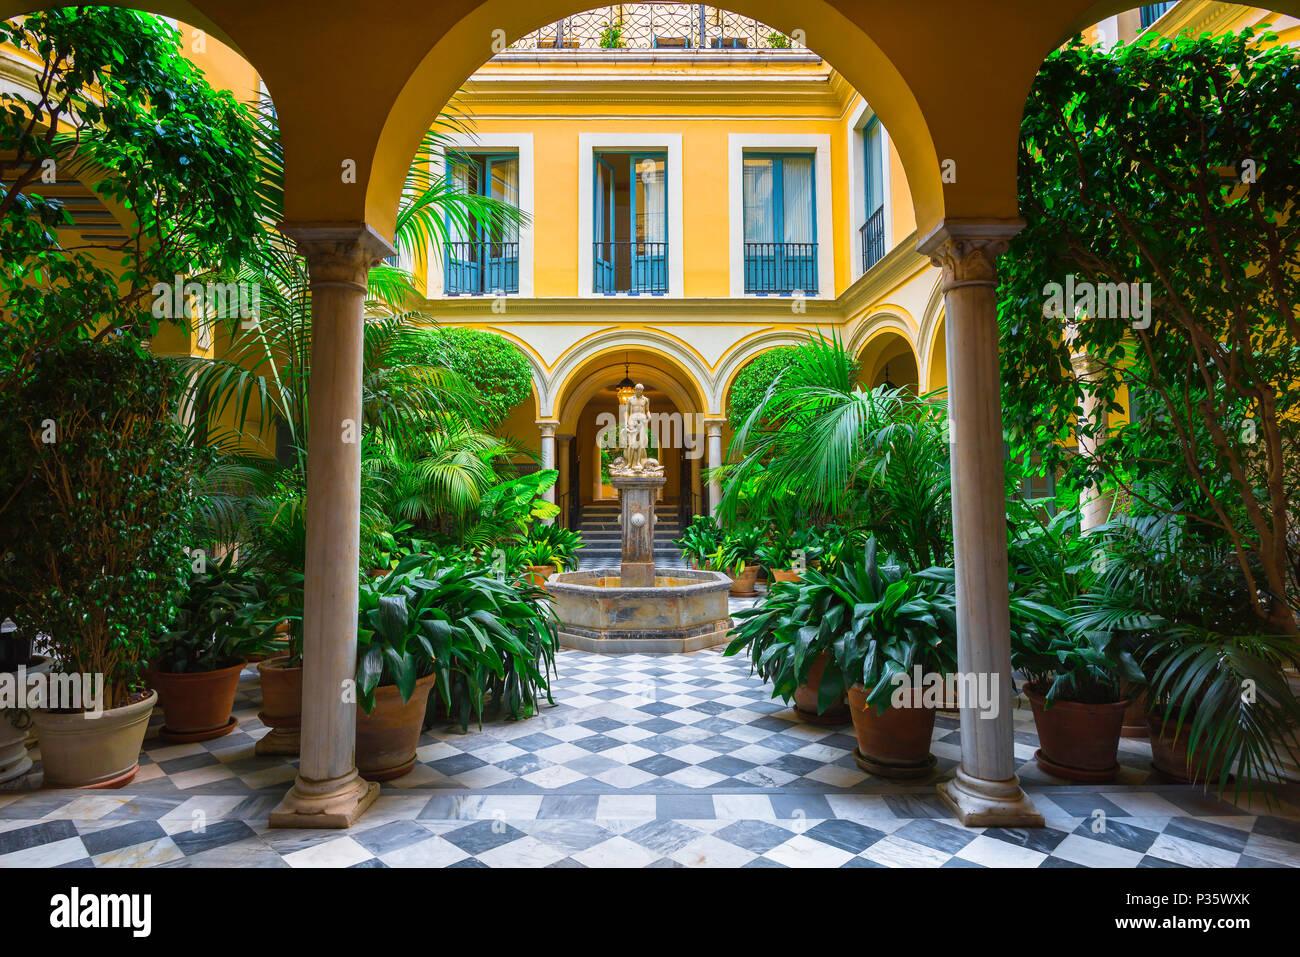 Andalusien Spanien Haus Ein Typisch Andalusischer Innenhof Und